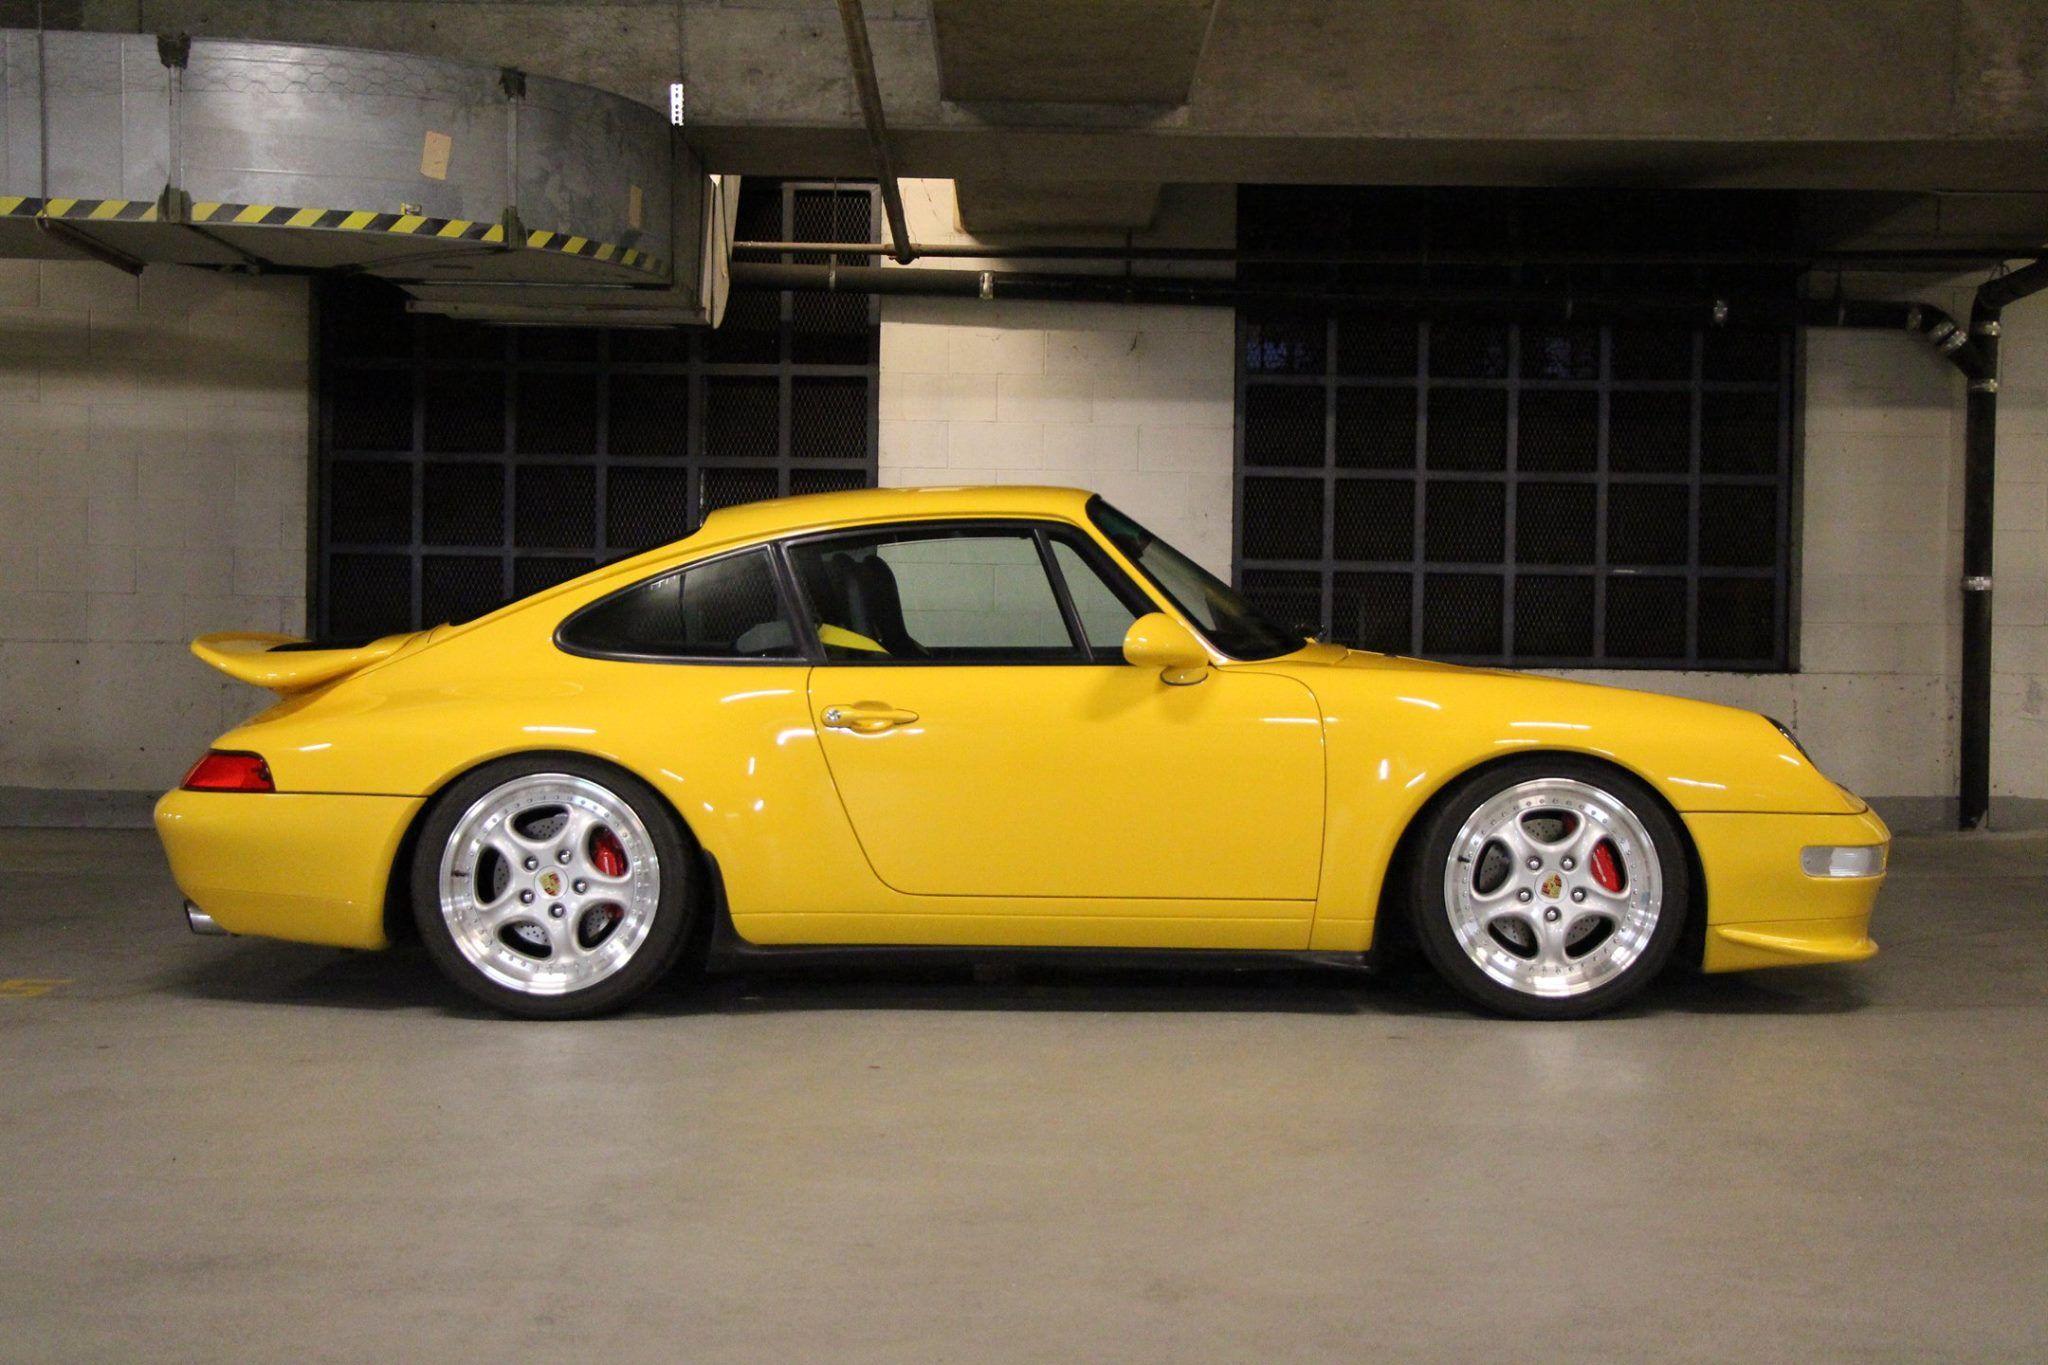 FS: 1995 Porsche 993 RS Tribute - Pelican Parts Technical ...